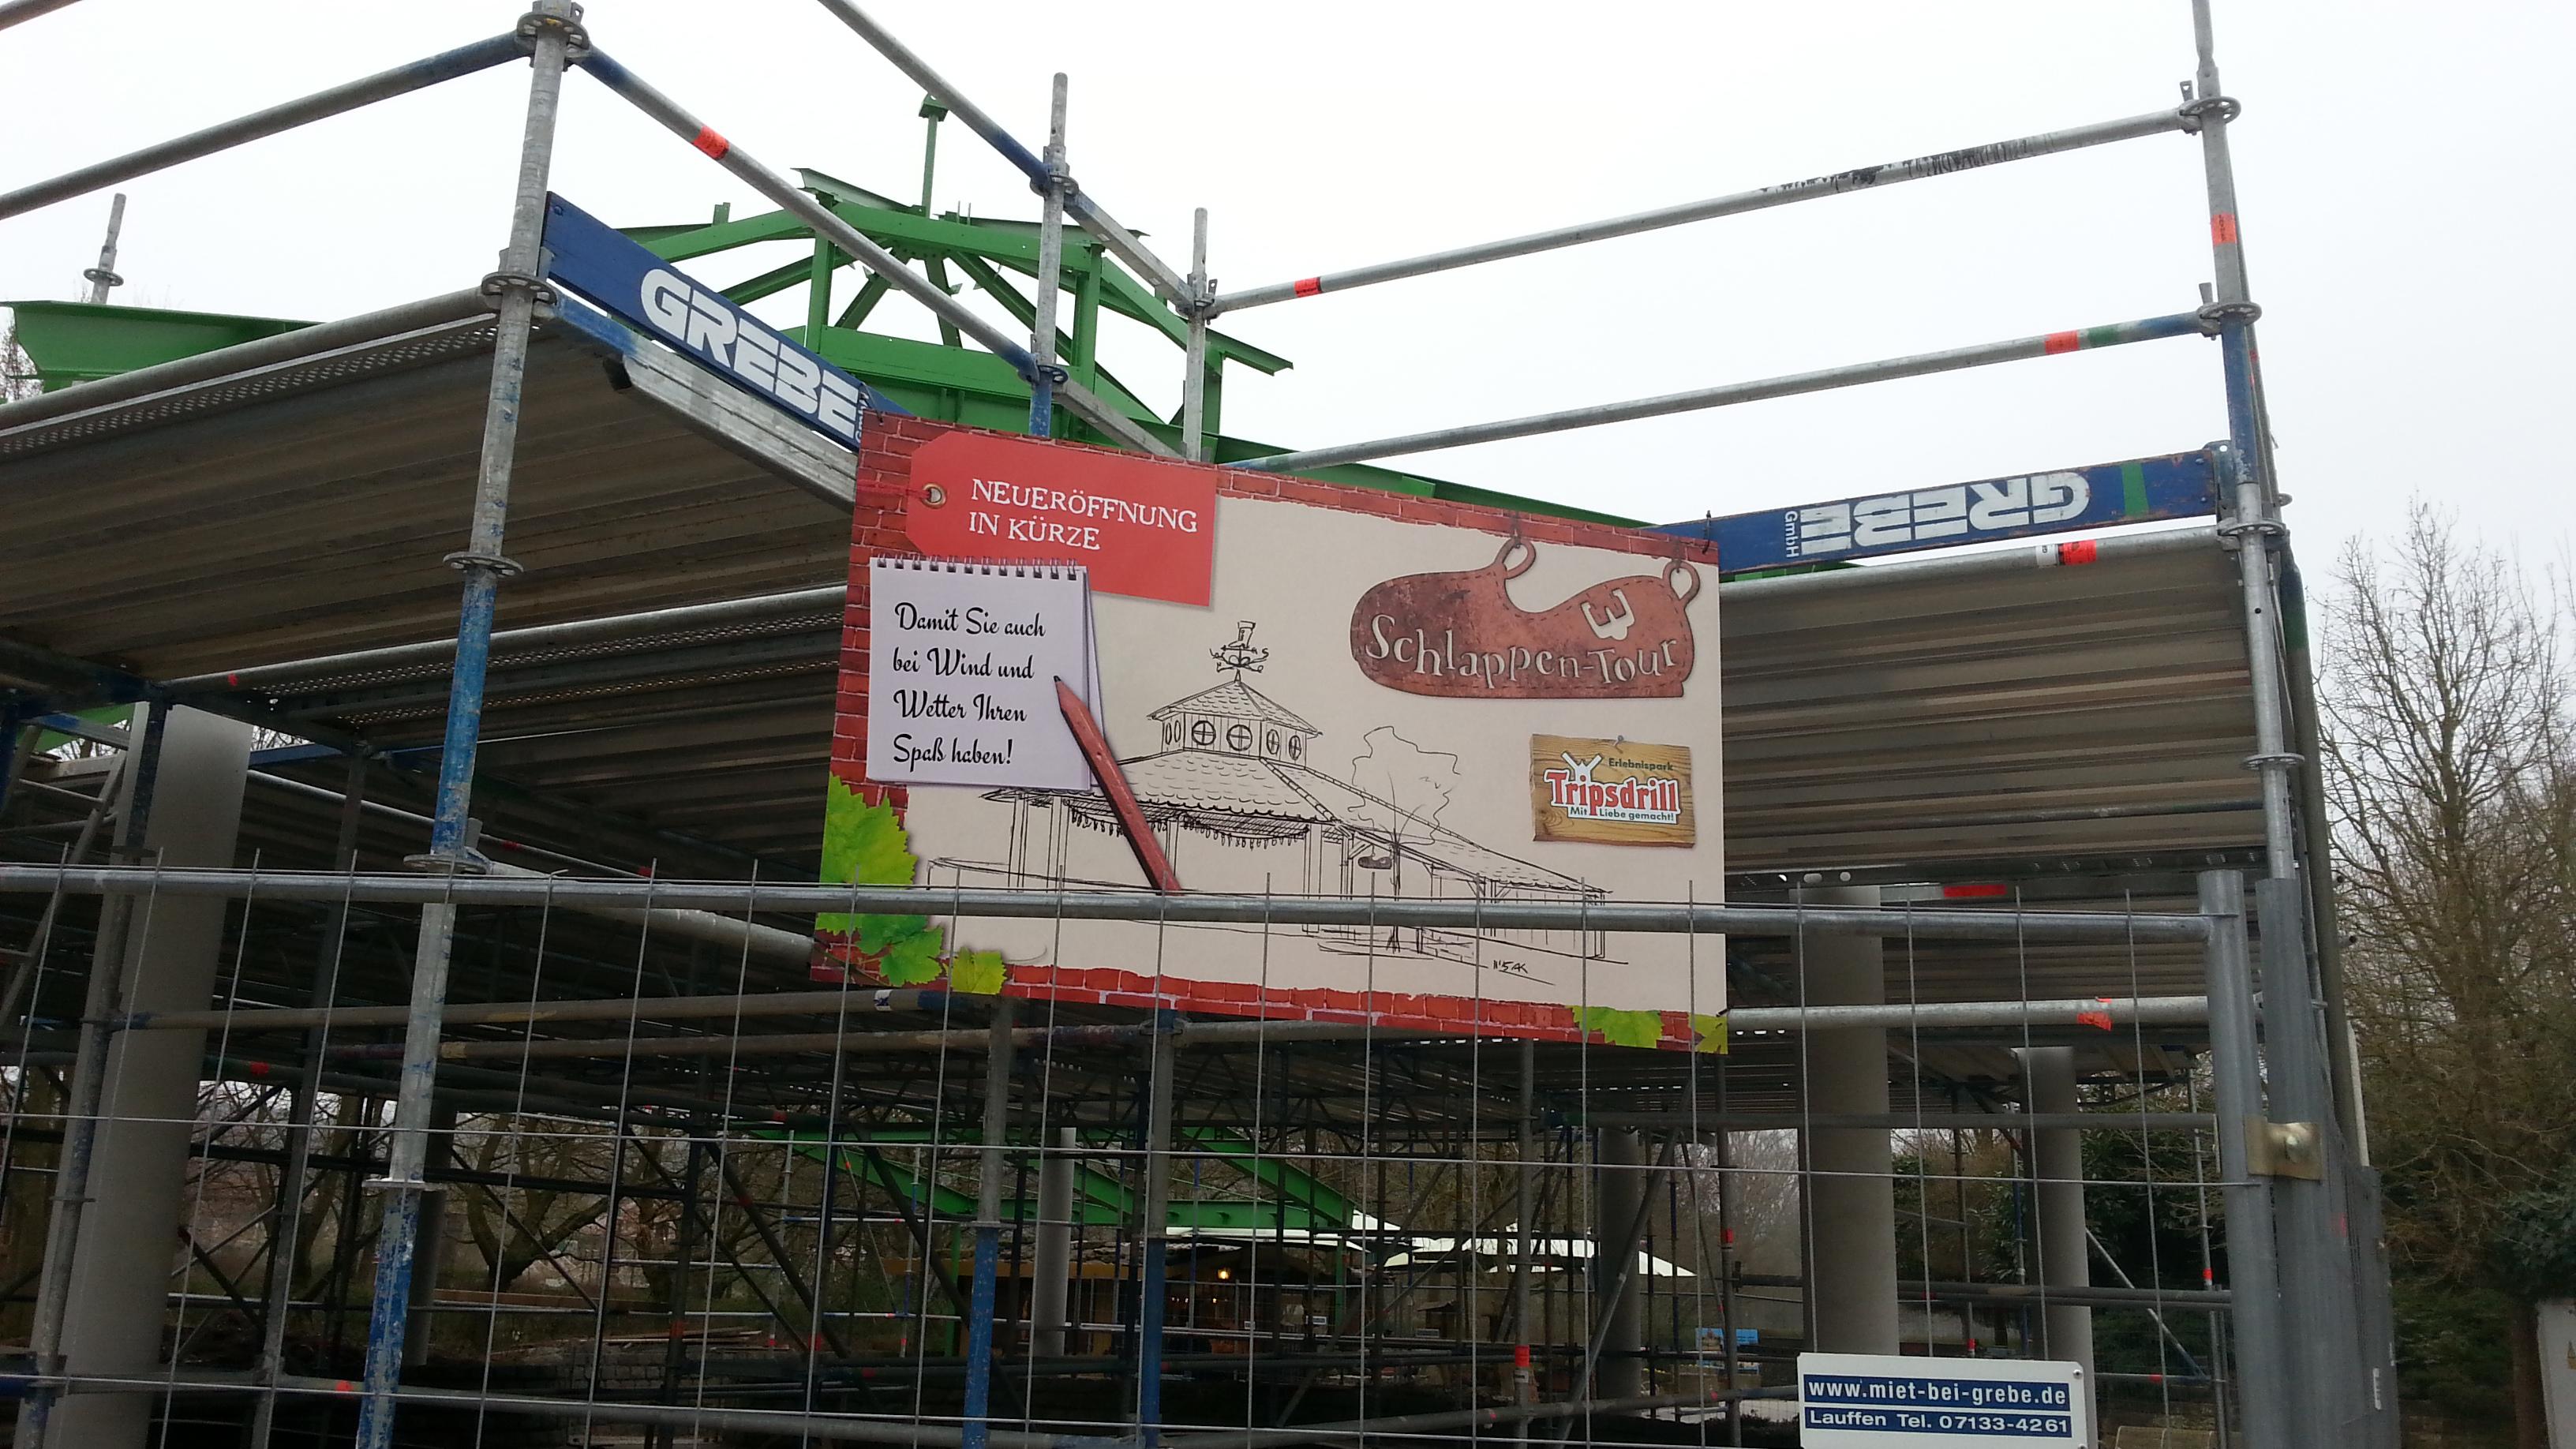 """Baustelle bei der """"Schlappen-Tour"""" (Bild: Lukas Reiner, Parkerlebnis.de)"""